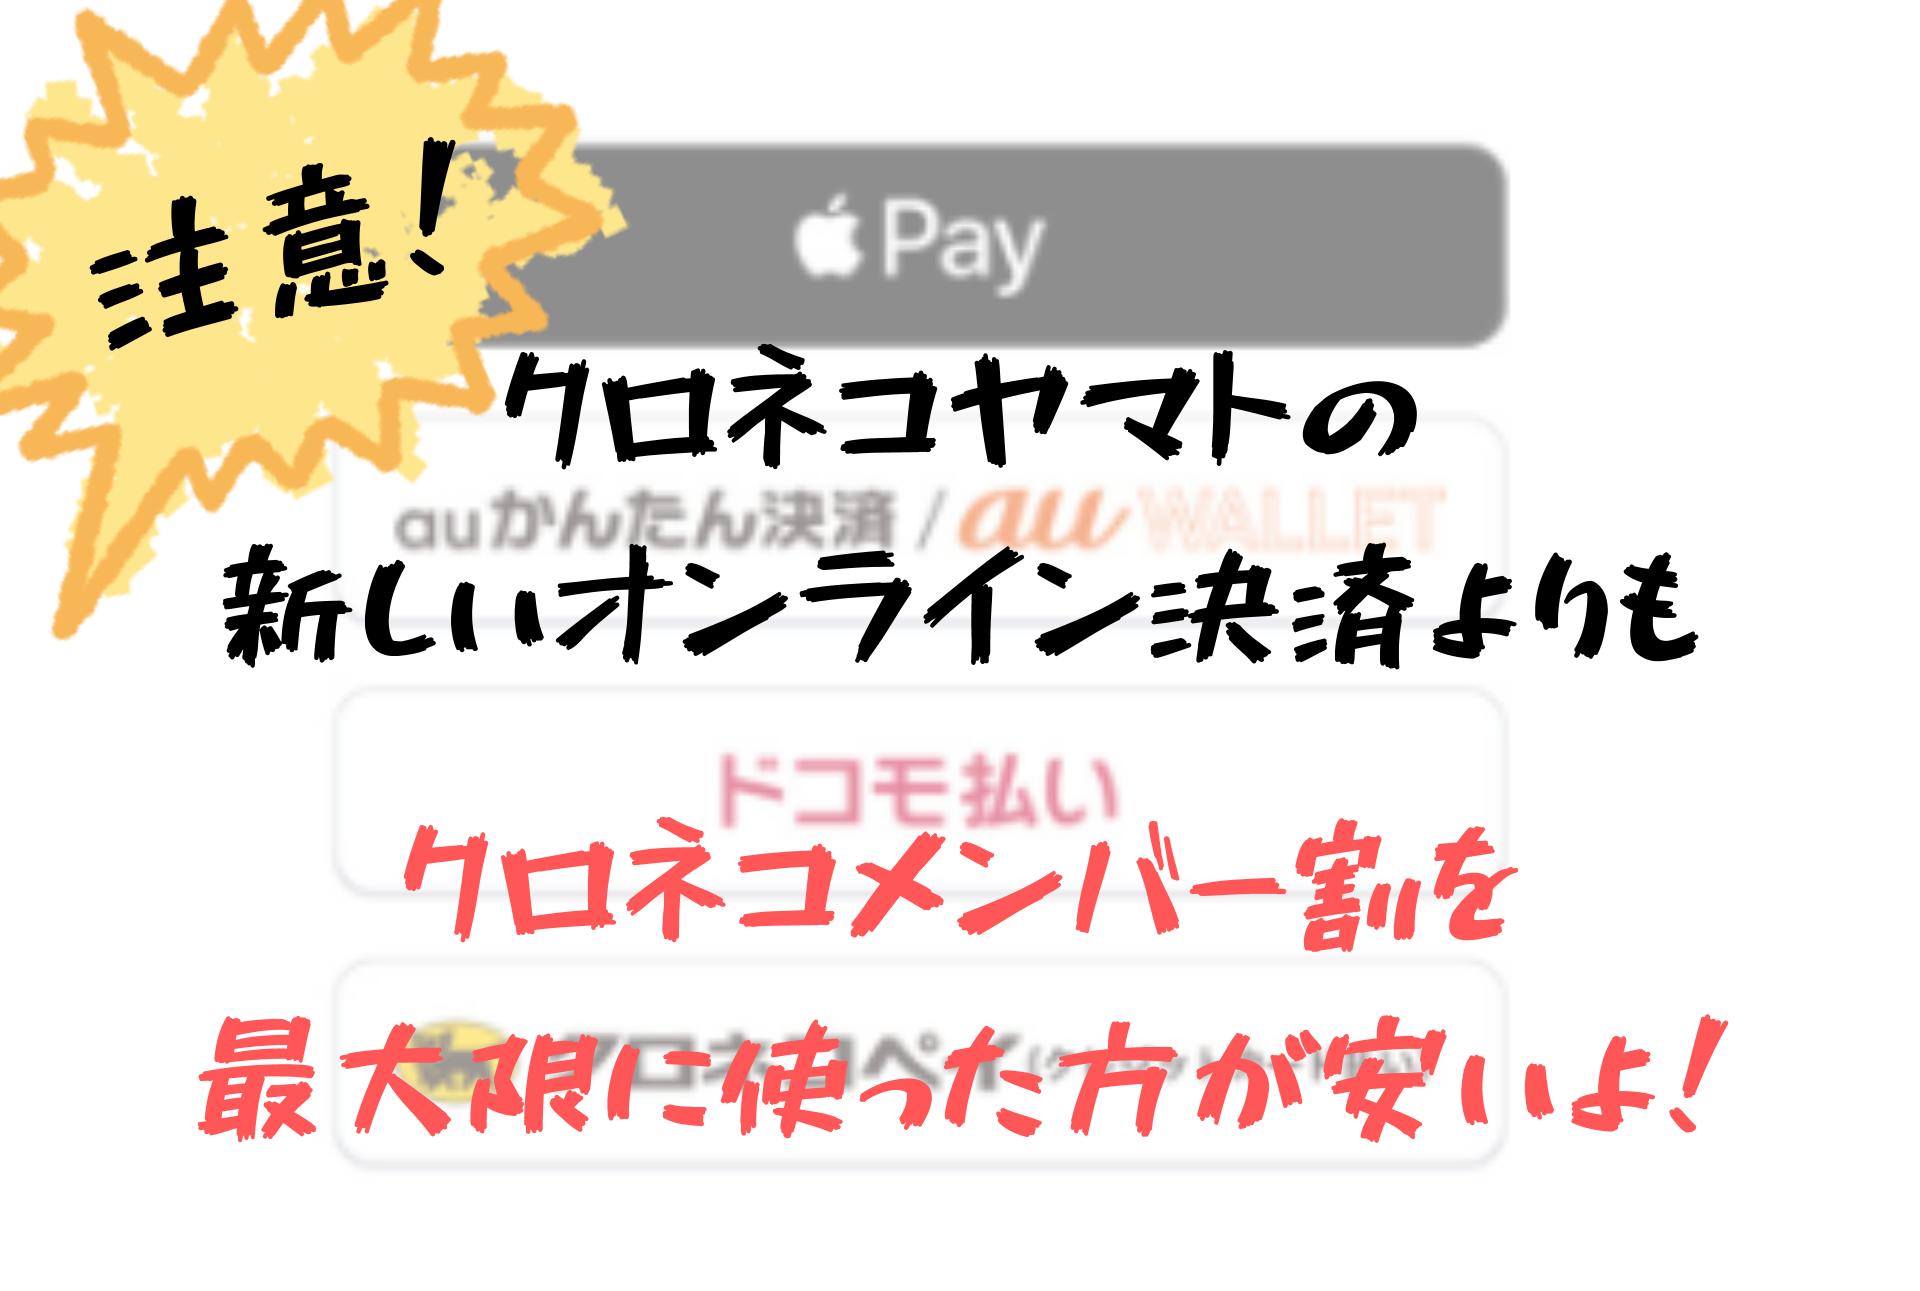 ヤマトのオンライン決済よりもクロネコメンバー割を最大限に使った方が安い!